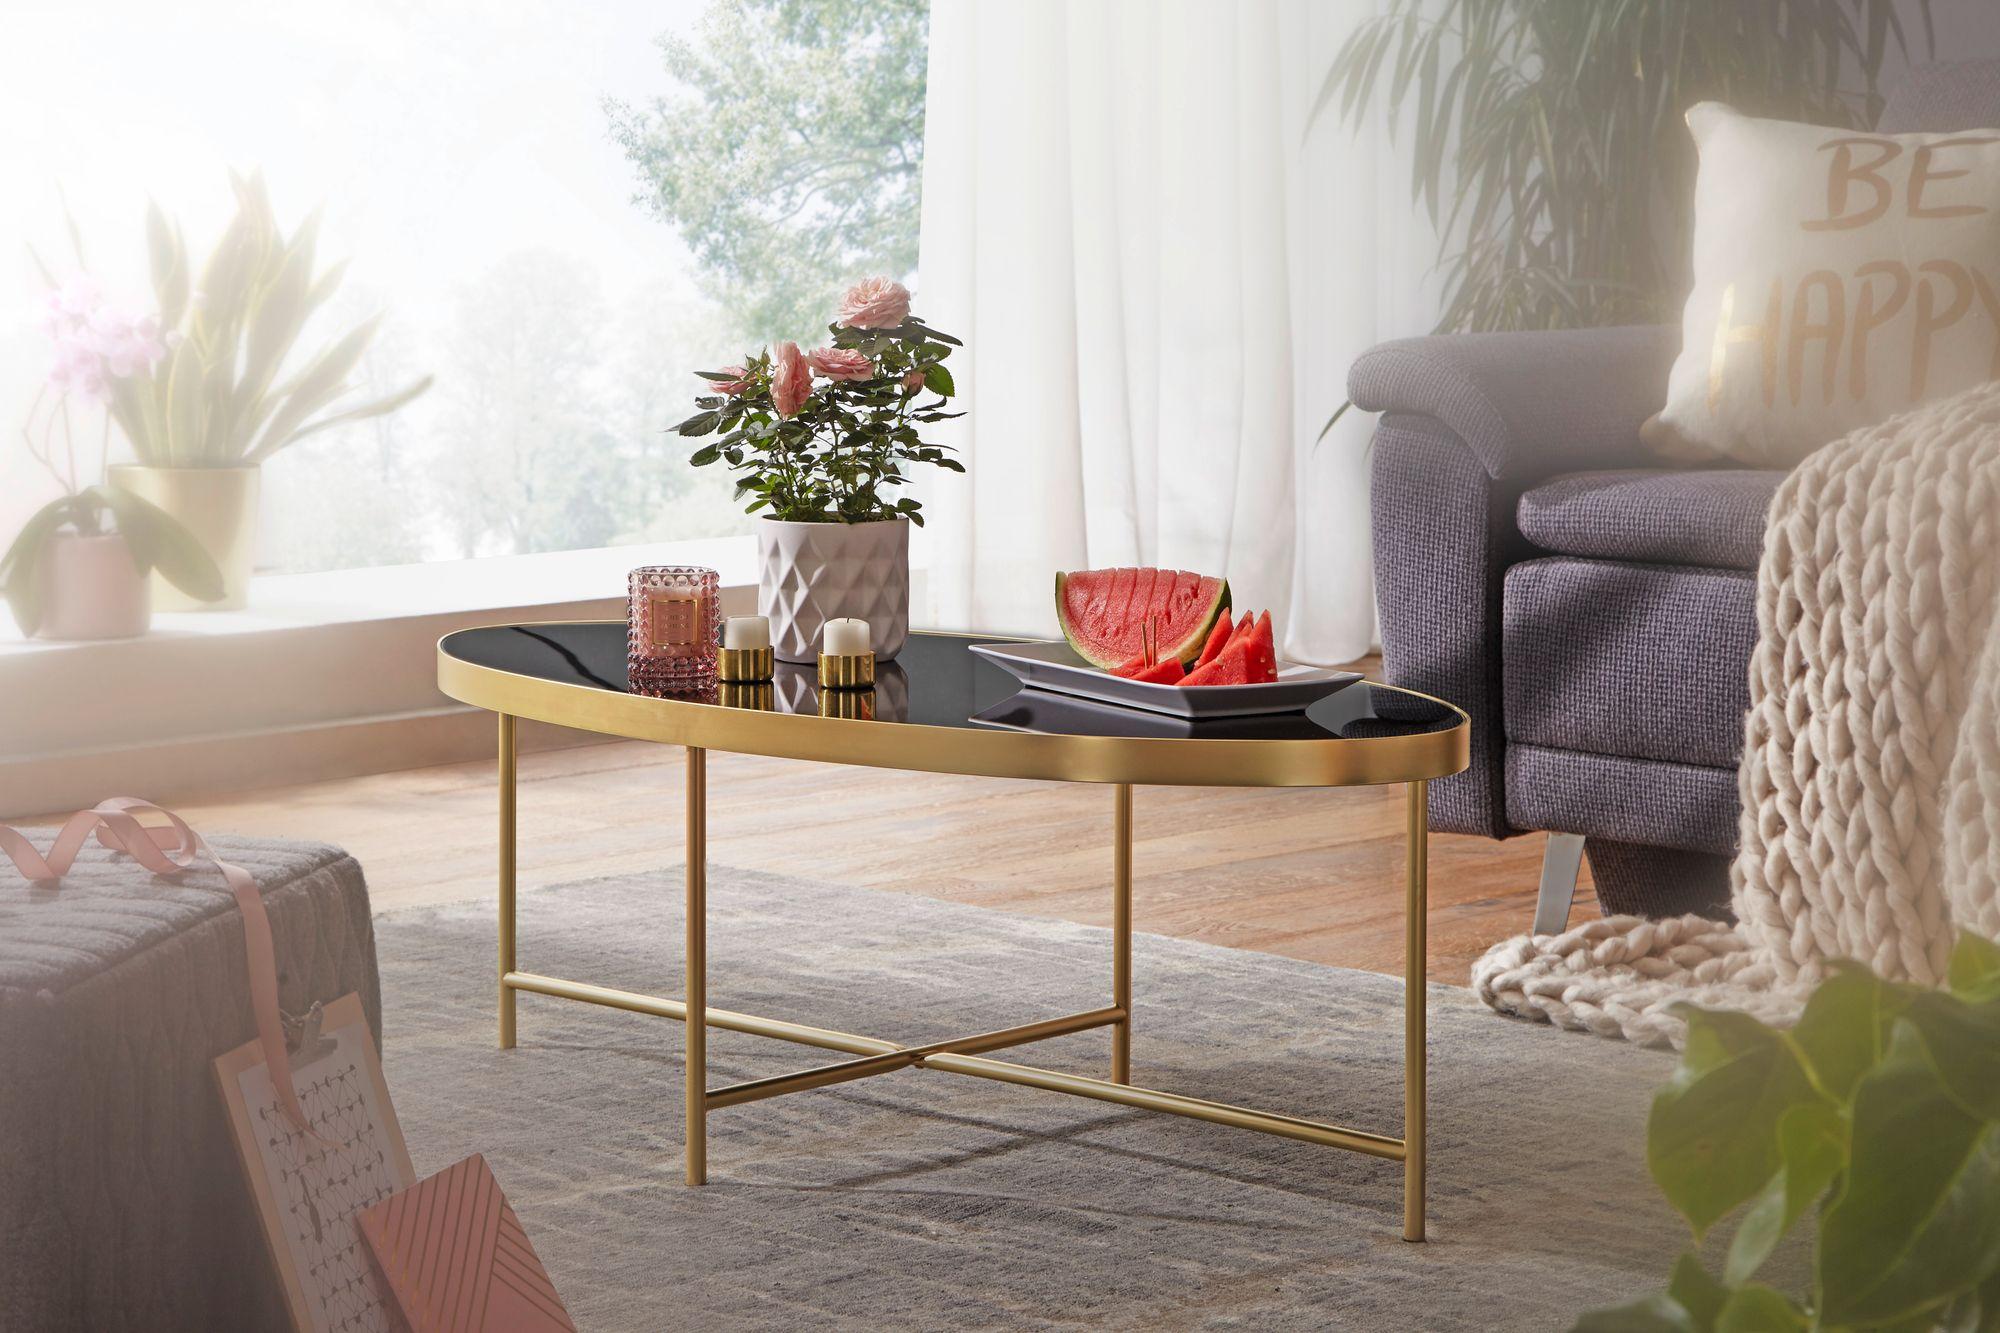 FineBuy Couchtisch Glas Schwarz Wohnzimmertisch Oval 110 x 56 Glastisch Gold